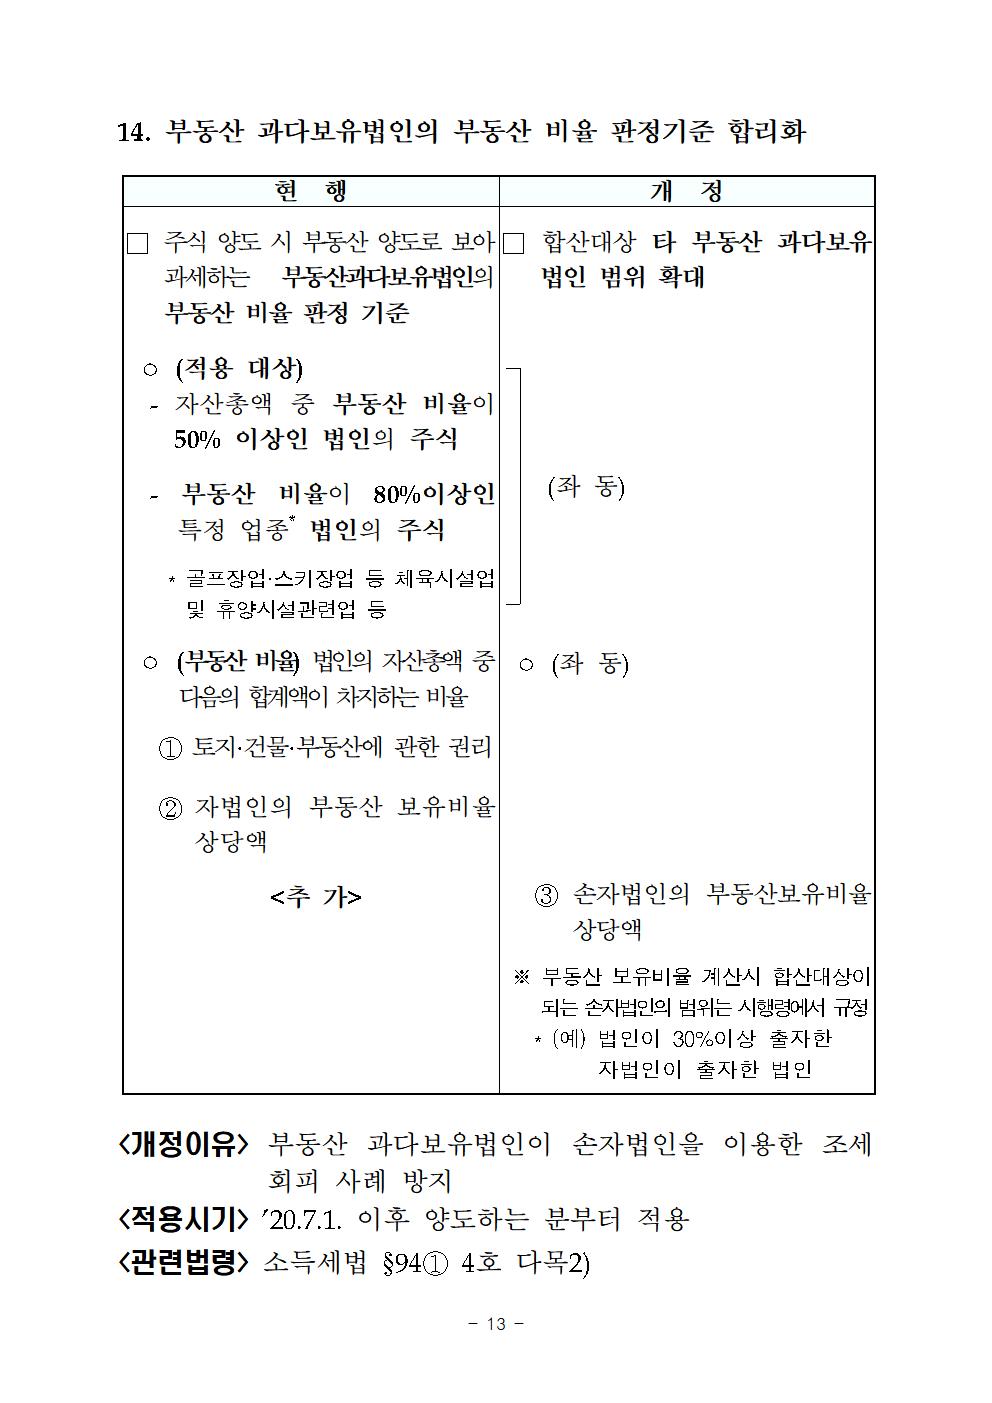 2019년세법개정내용(양도소득세분야)018.png